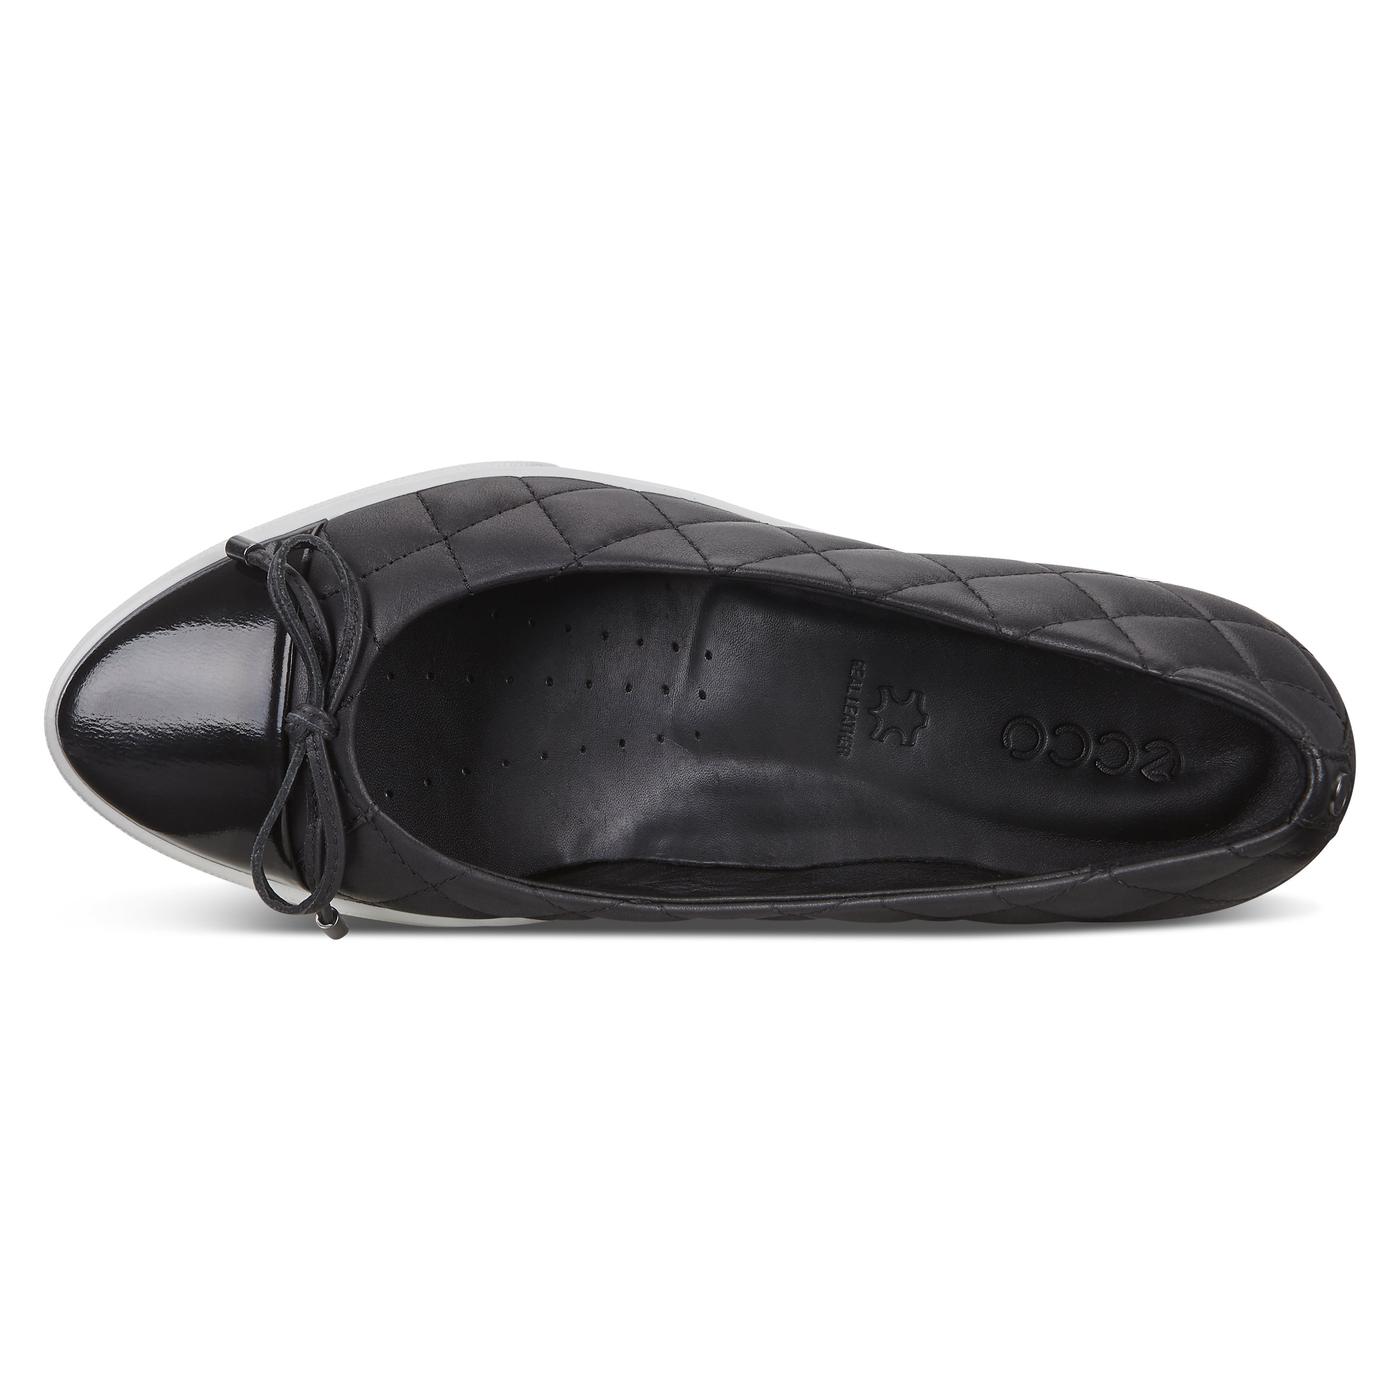 ECCO GILLIAN Ballerina Sneaker